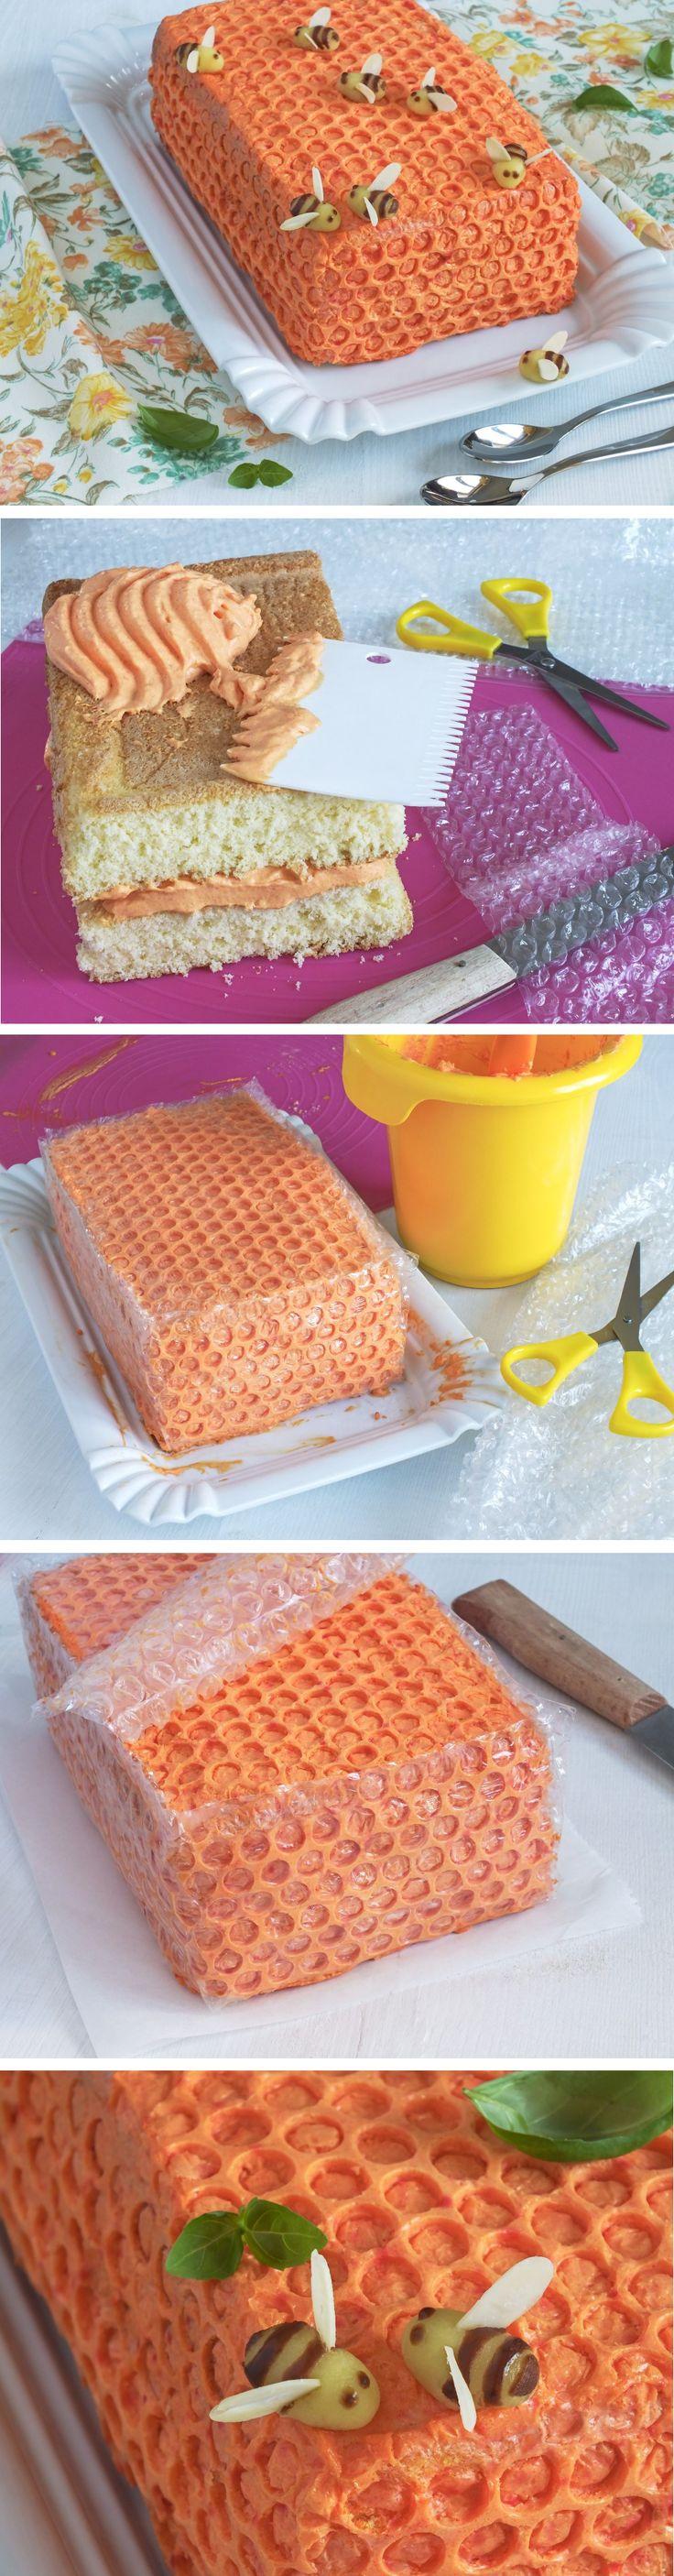 Prozradíme vám fígl, jak rychle ozdobit dort a vytvořit na něm vzor medové plástve. Je to jednodušší než byste čekali.